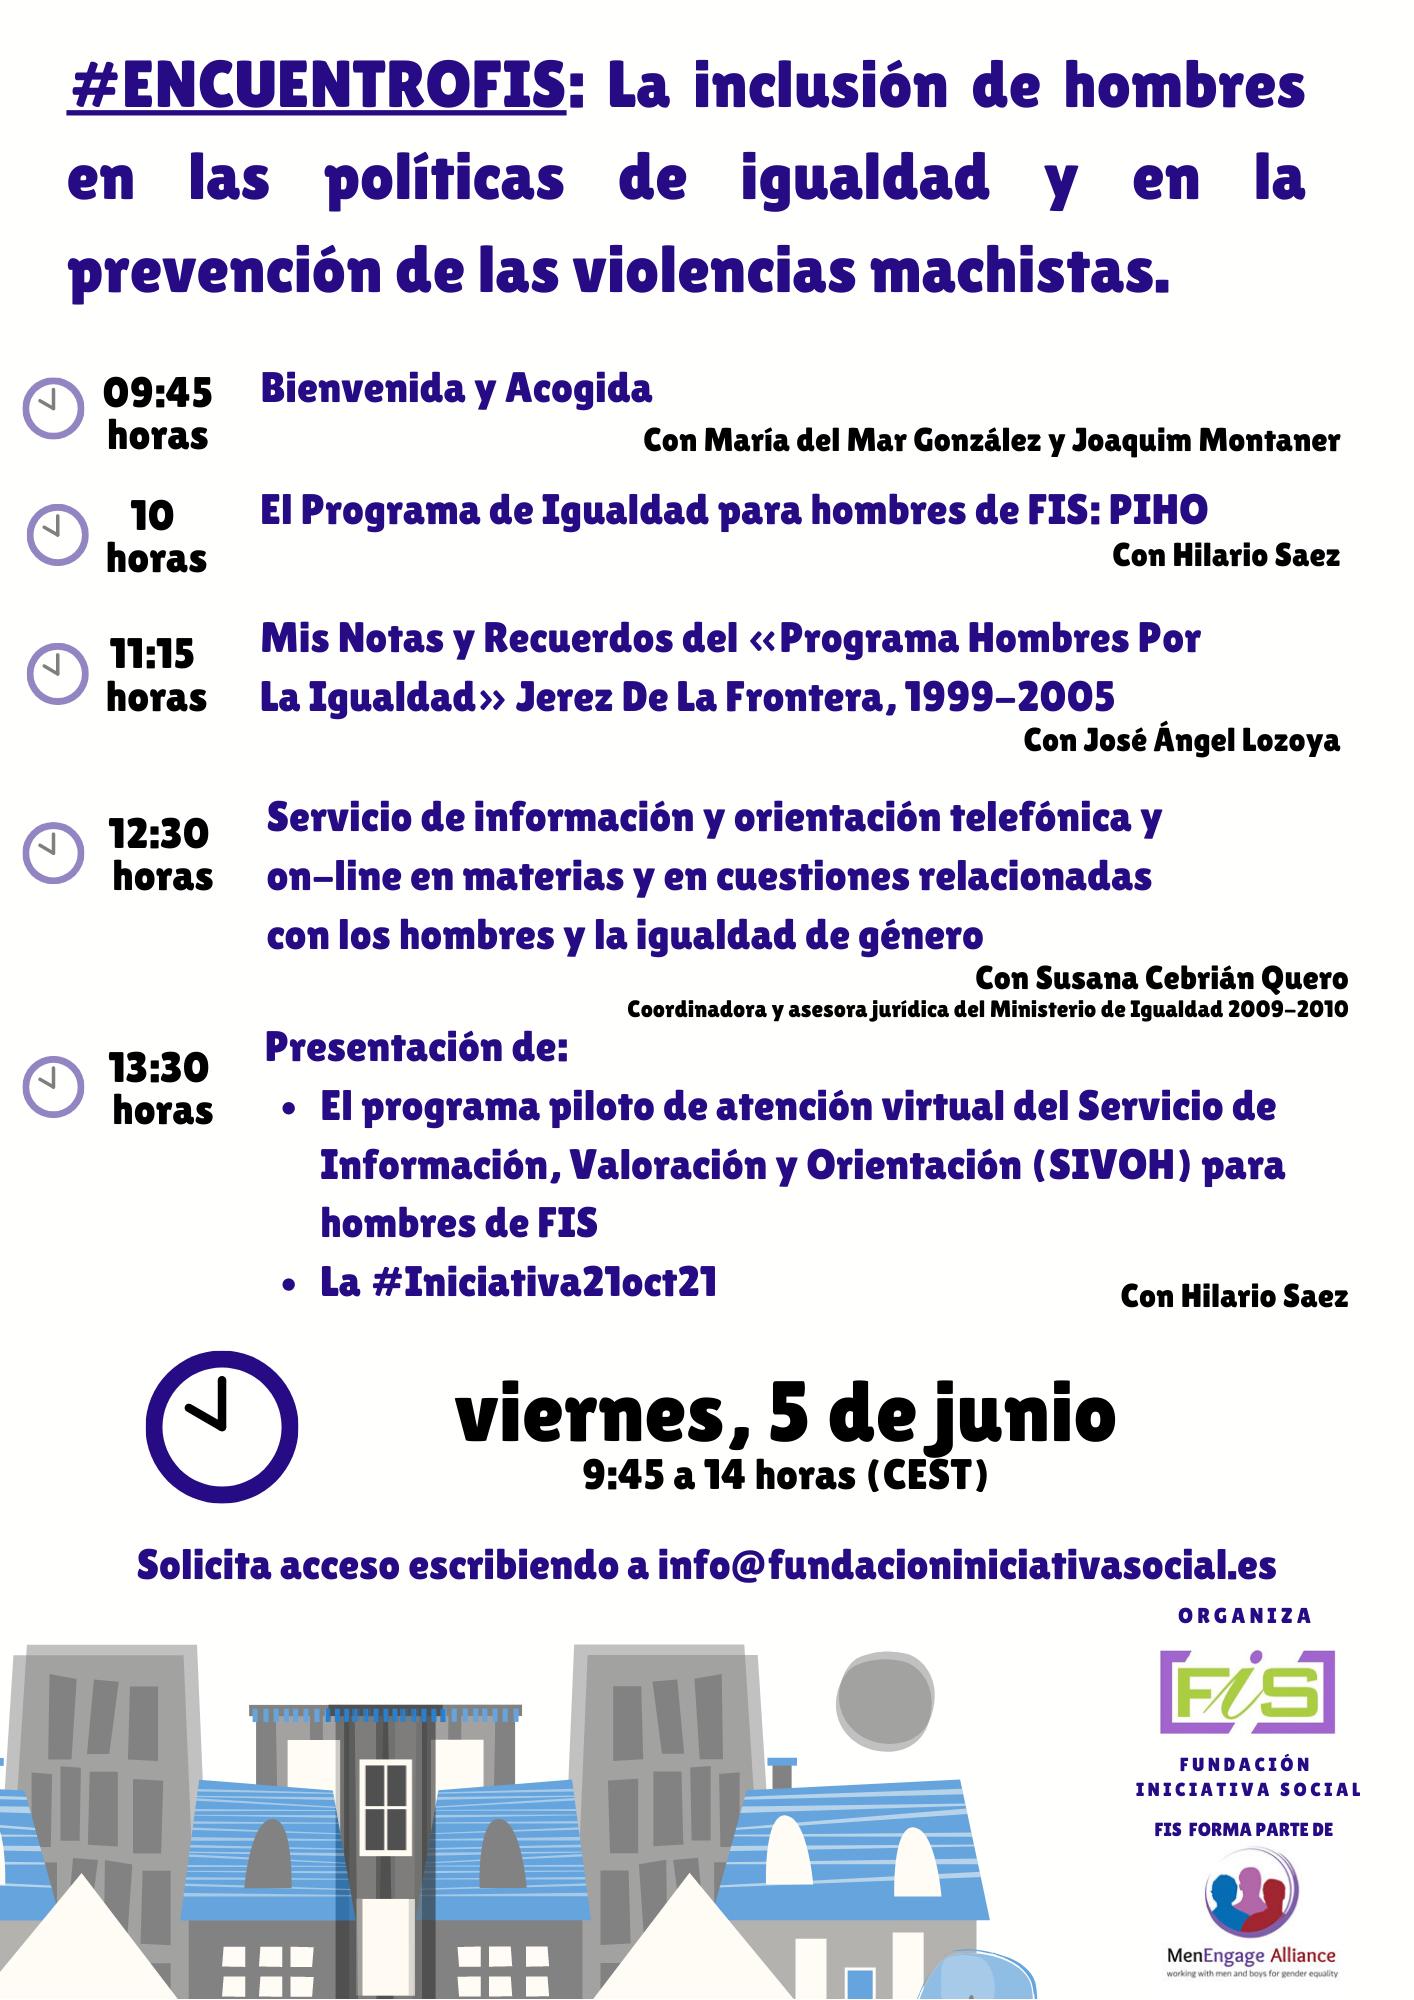 #EncuentroFIS: La inclusión de hombres en las políticas de igualdad y en la prevención de las violencias machistas.